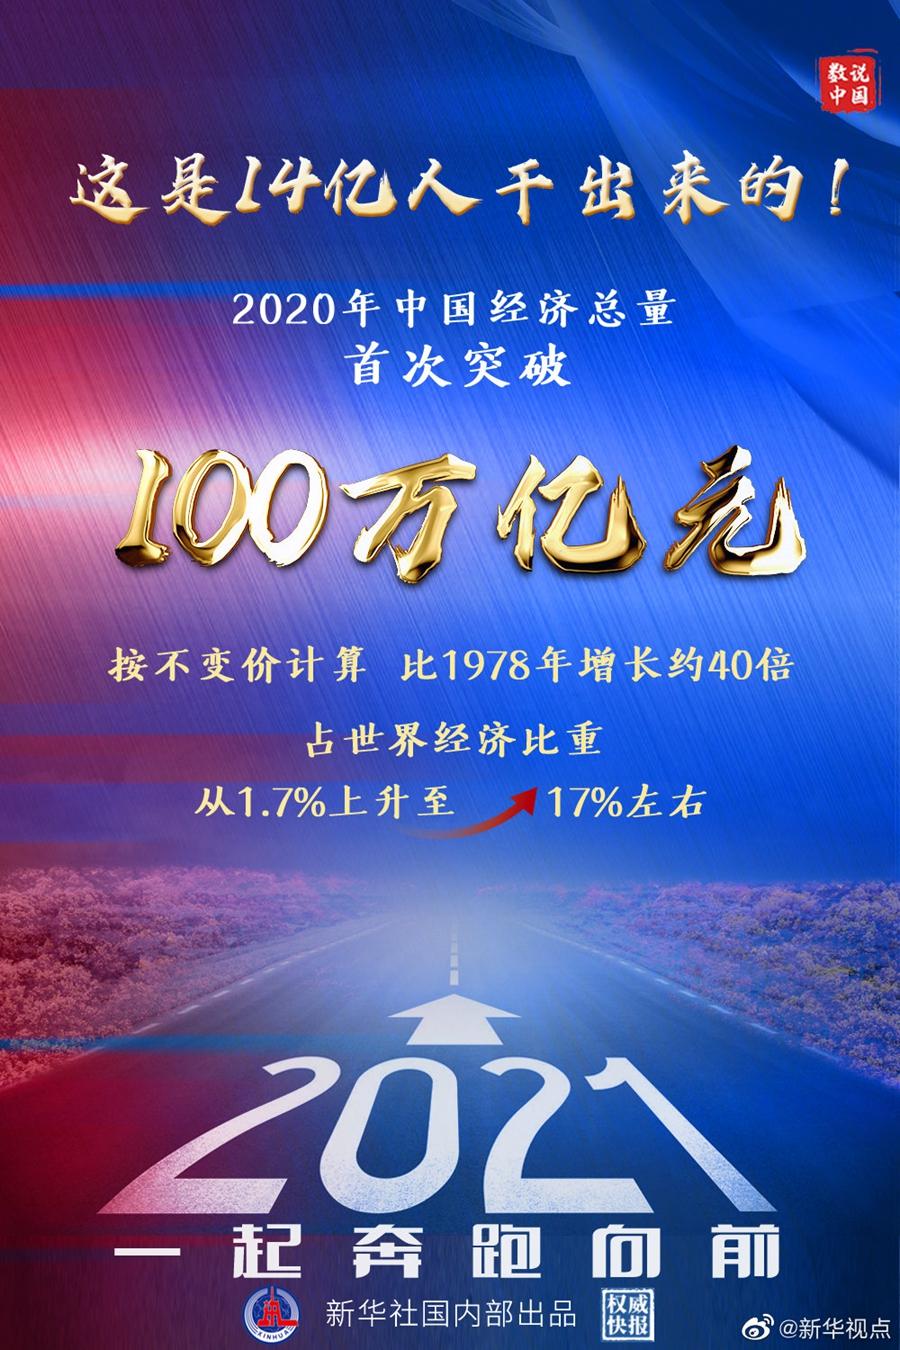 2020中國GDP首超100萬億元